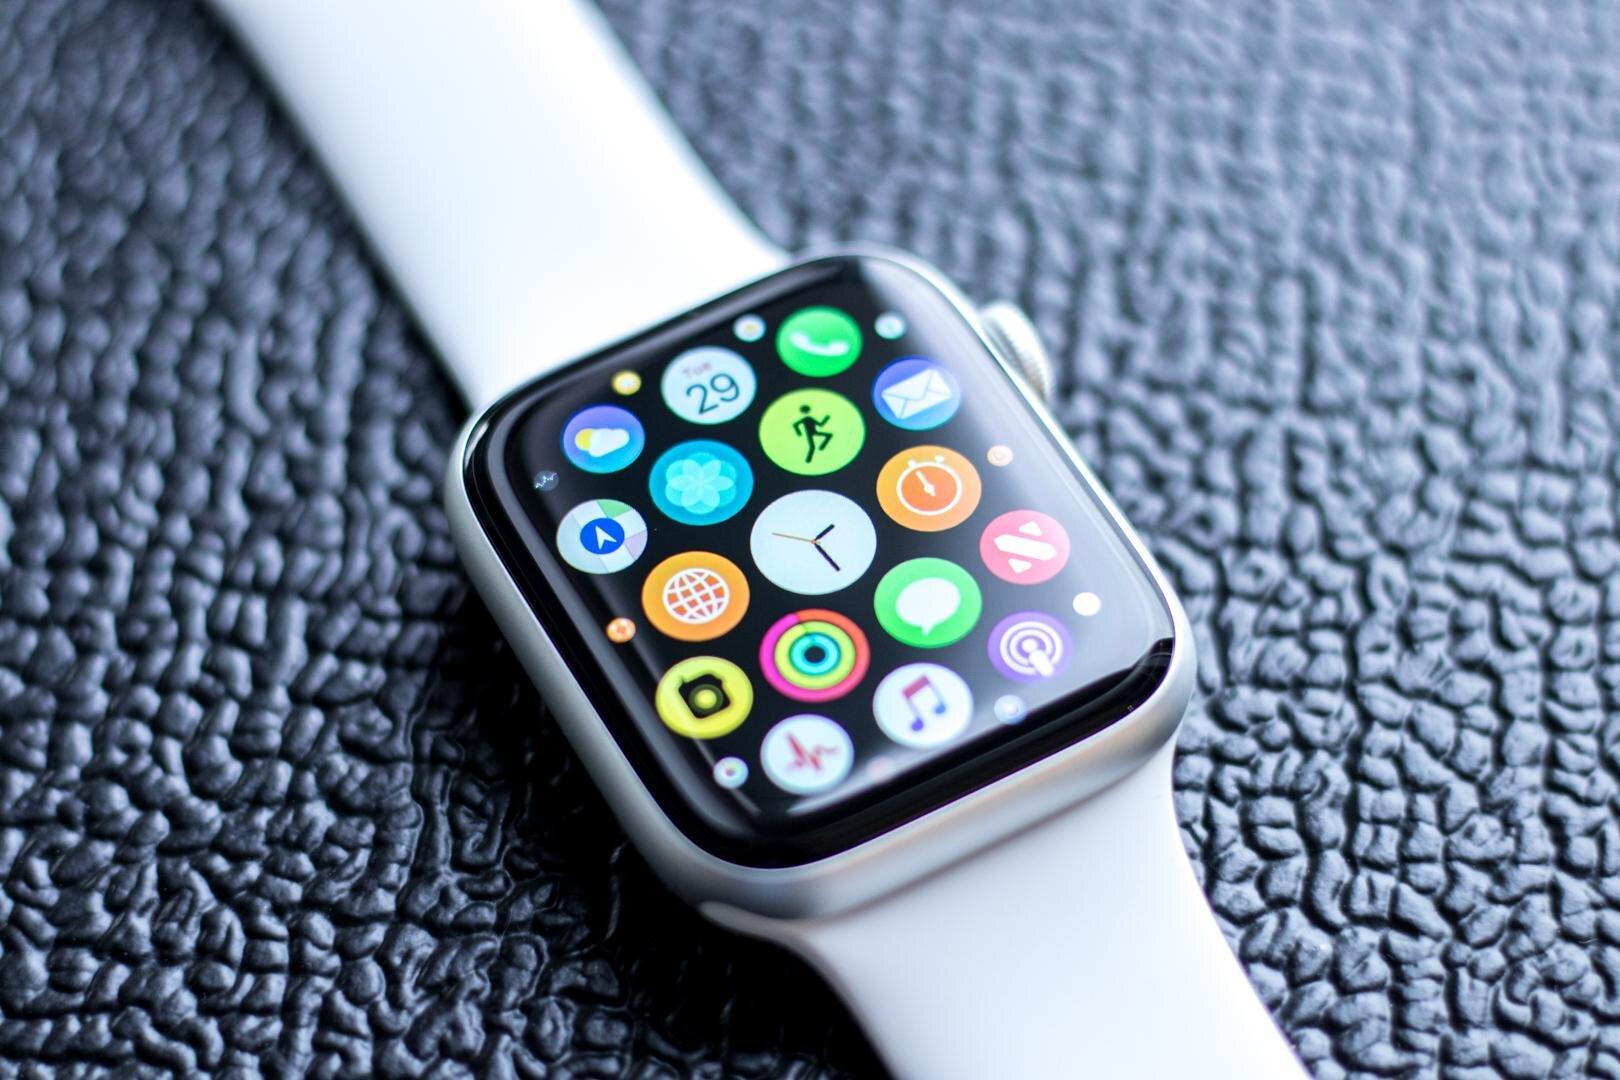 Phiên bản Apple Watch 4 năm 2019 với 3 màu sắc cá tính